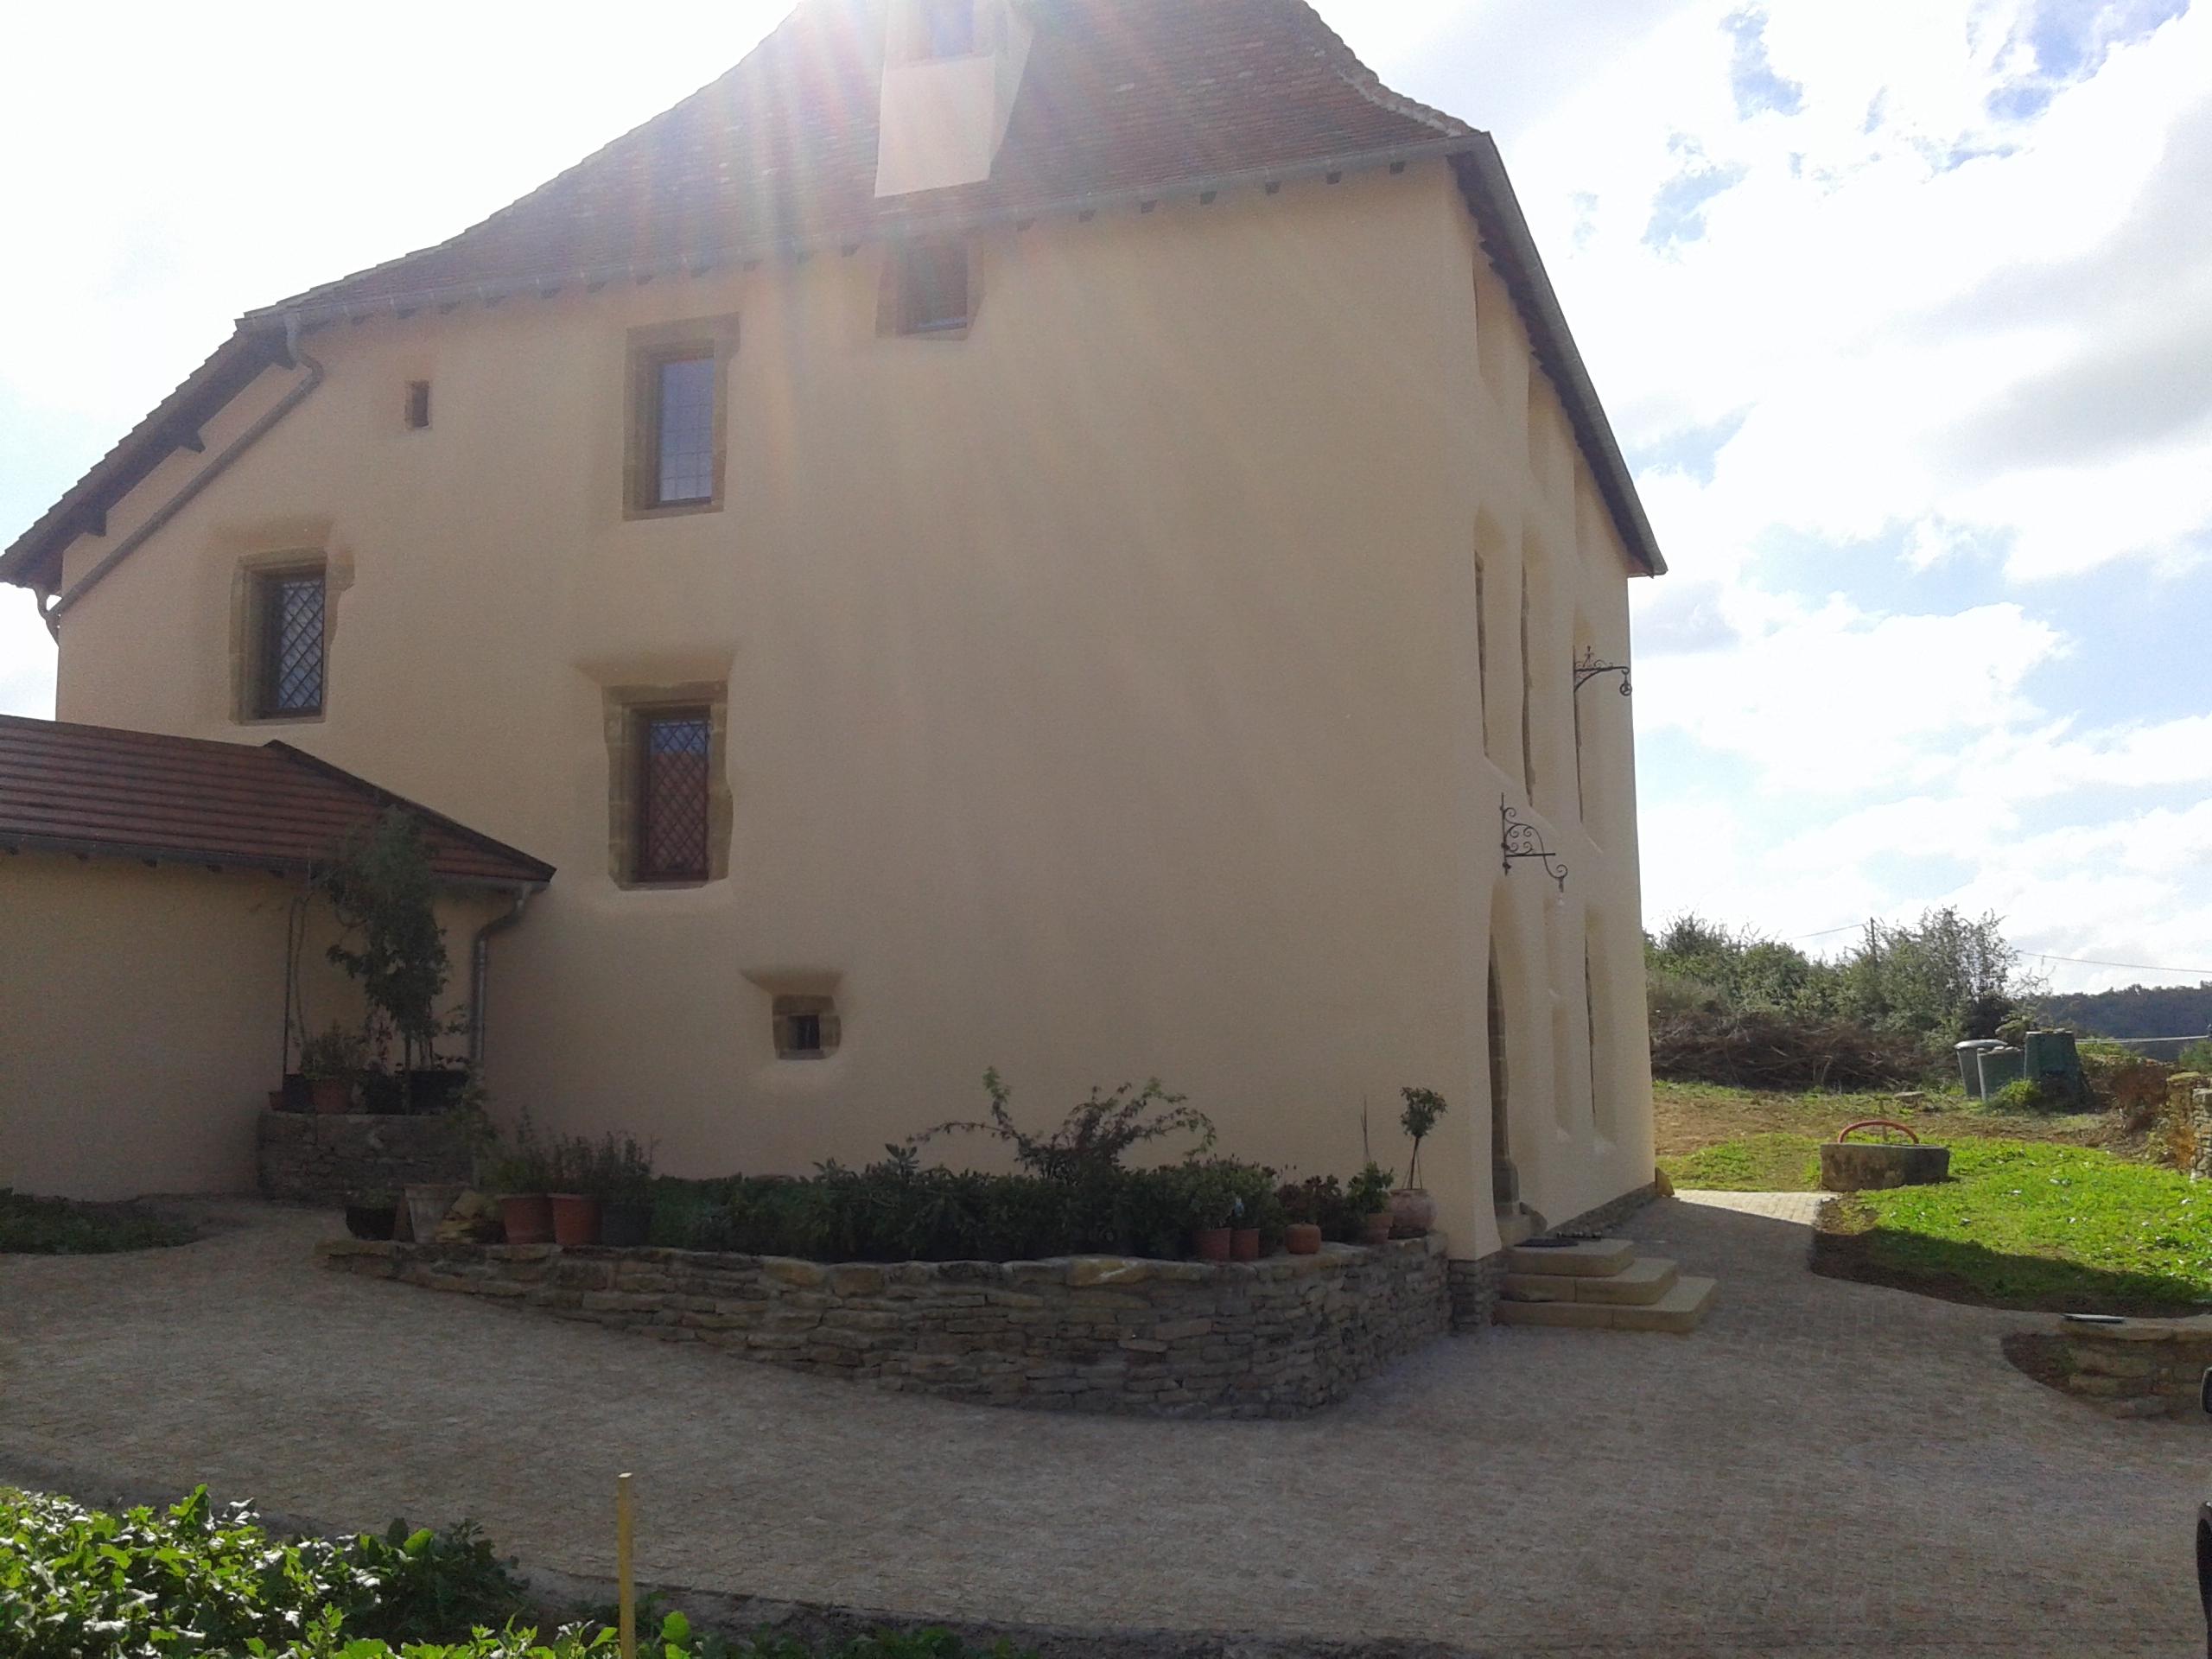 IMGranit à Charolles -Saône-et-Loire